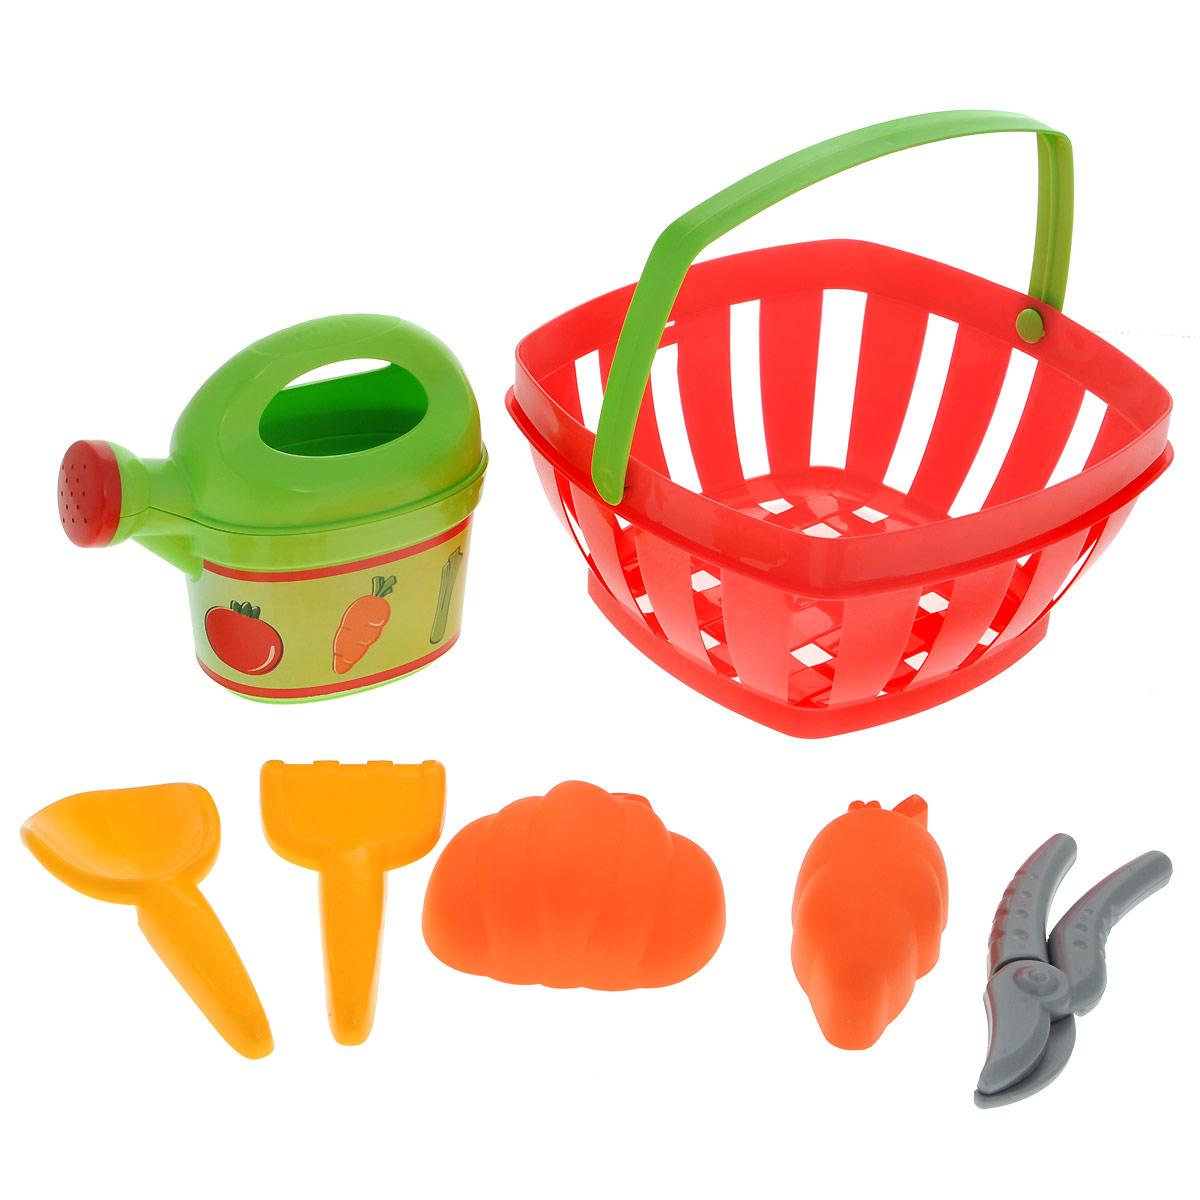 Ecoiffier Игровой набор Для огорода, 7 предметов écoiffier тележка для уборки с пылесосом ecoiffier